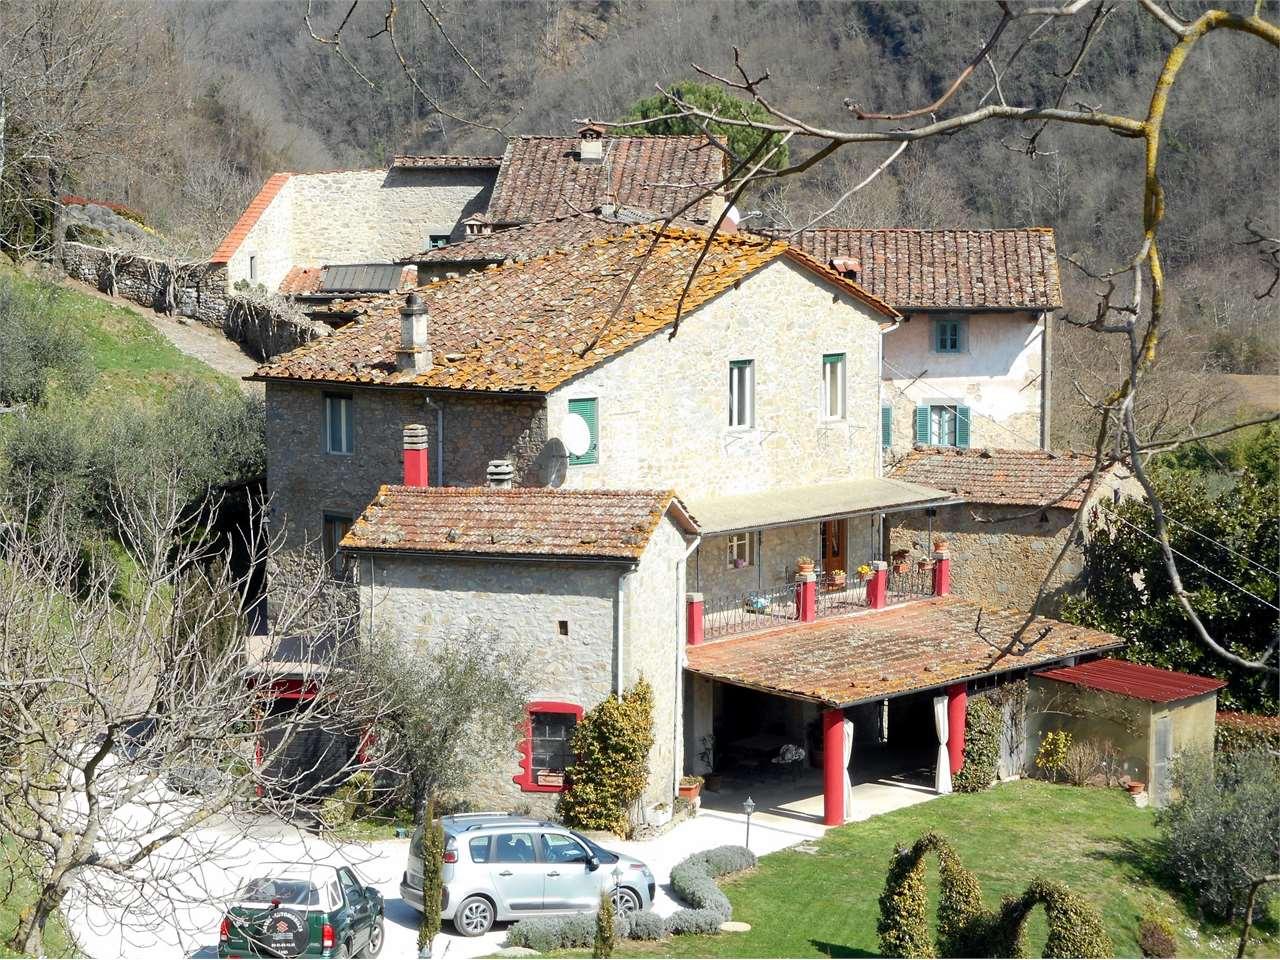 Rustico / Casale in vendita a Bagni di Lucca, 20 locali, prezzo € 480.000 | CambioCasa.it